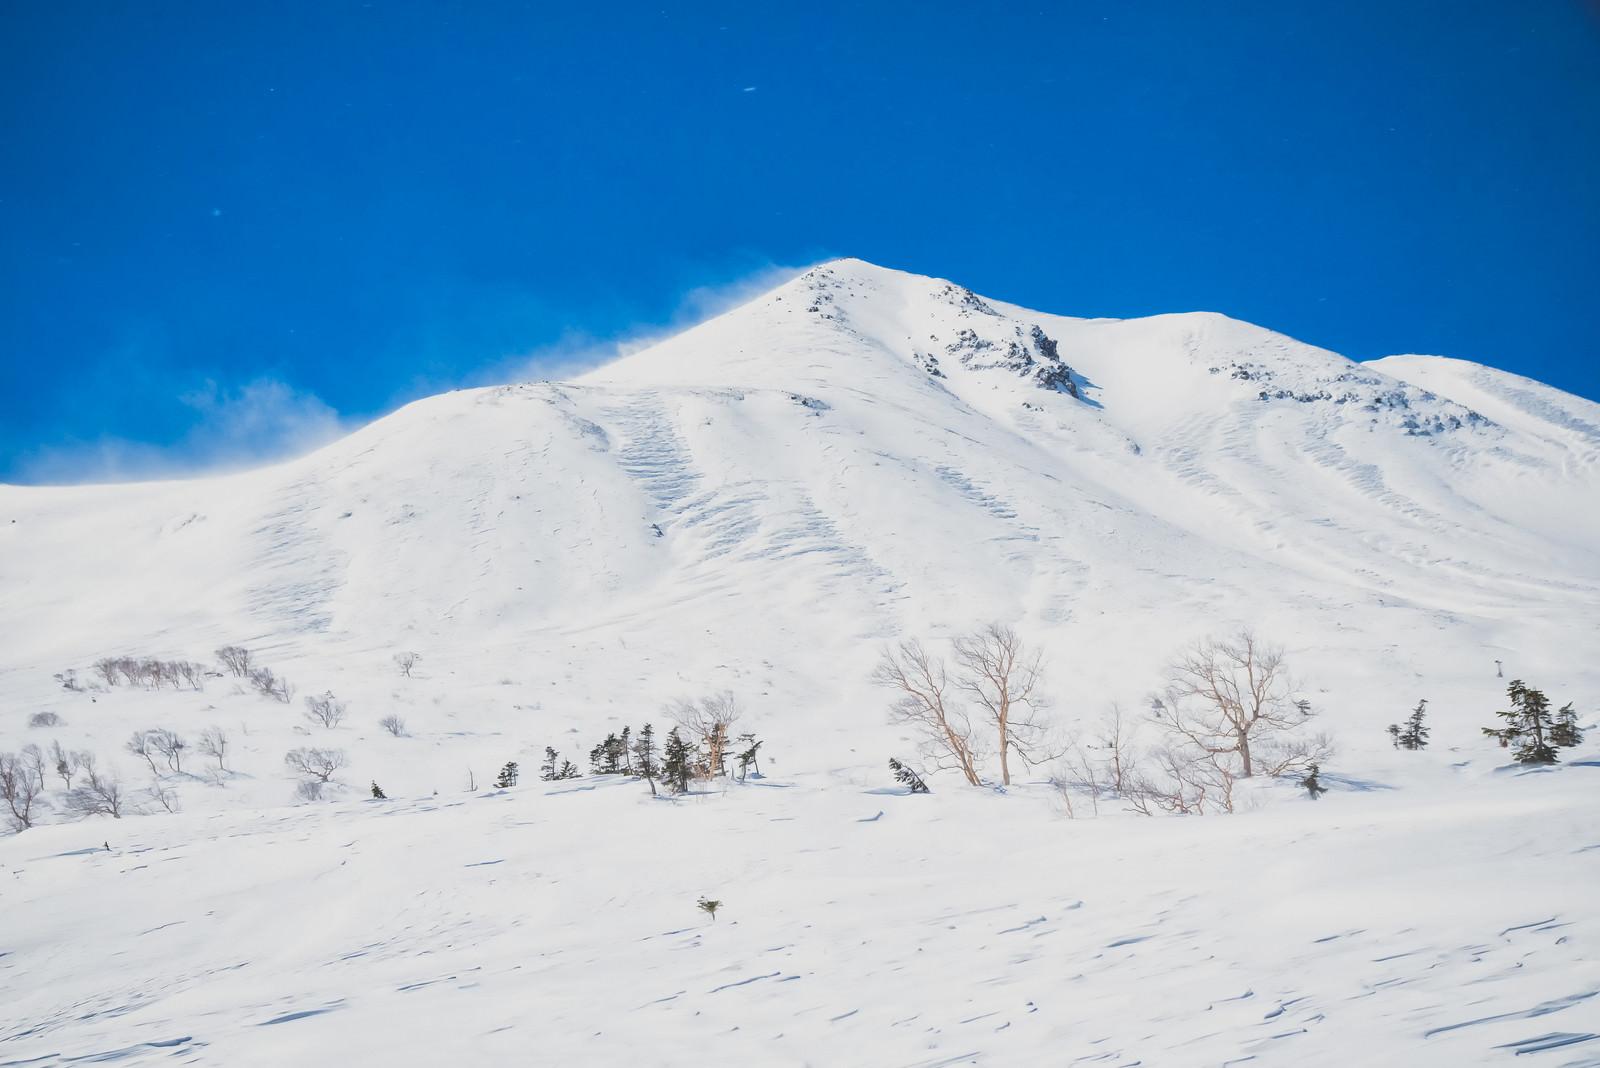 「乗鞍高原から望む剣ヶ峰(北アルプス)」の写真